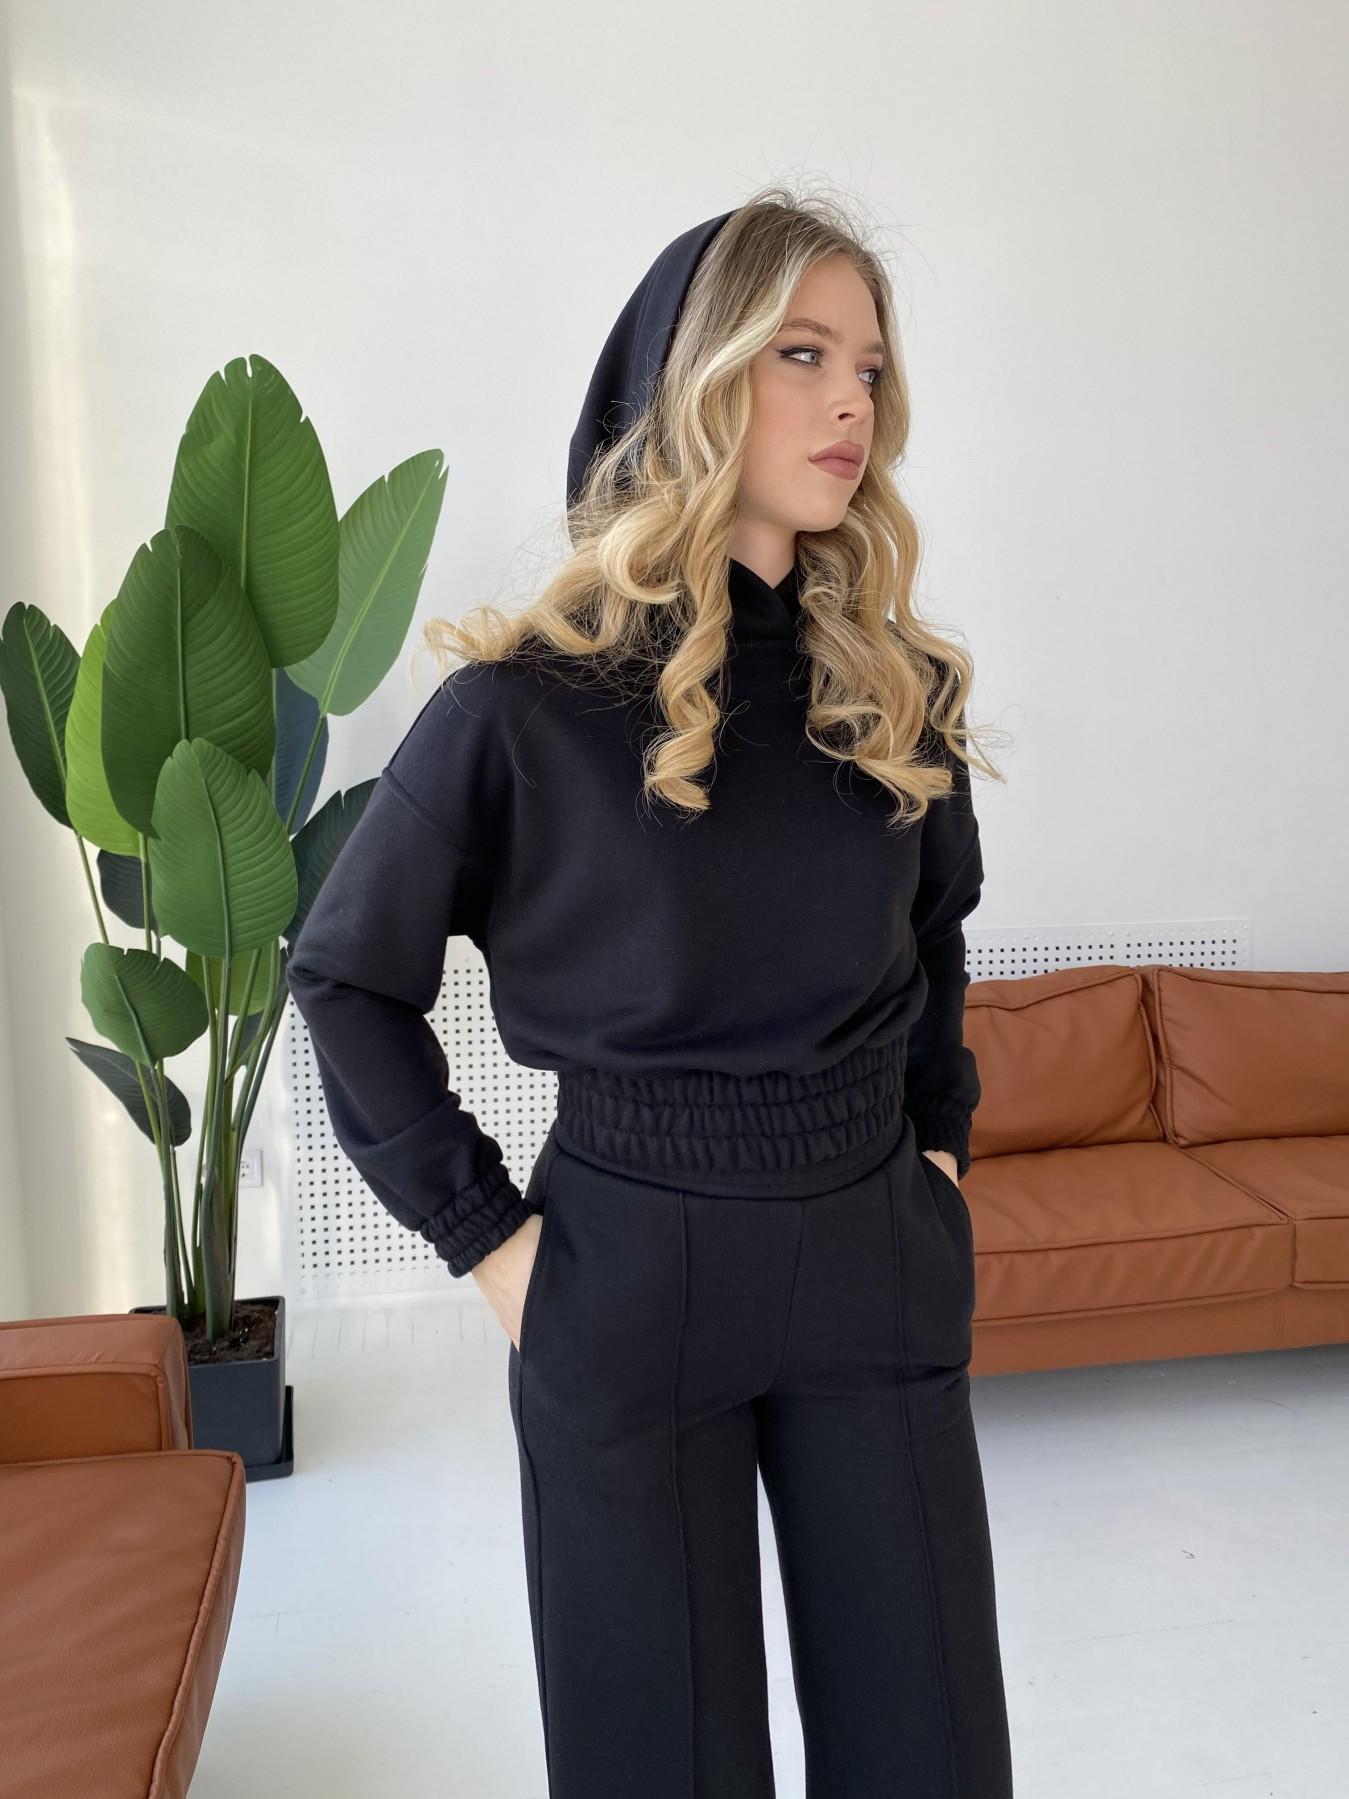 Бейби  прогулочный костюм из 3х нитки 10812 АРТ. 47281 Цвет: Черный - фото 7, интернет магазин tm-modus.ru